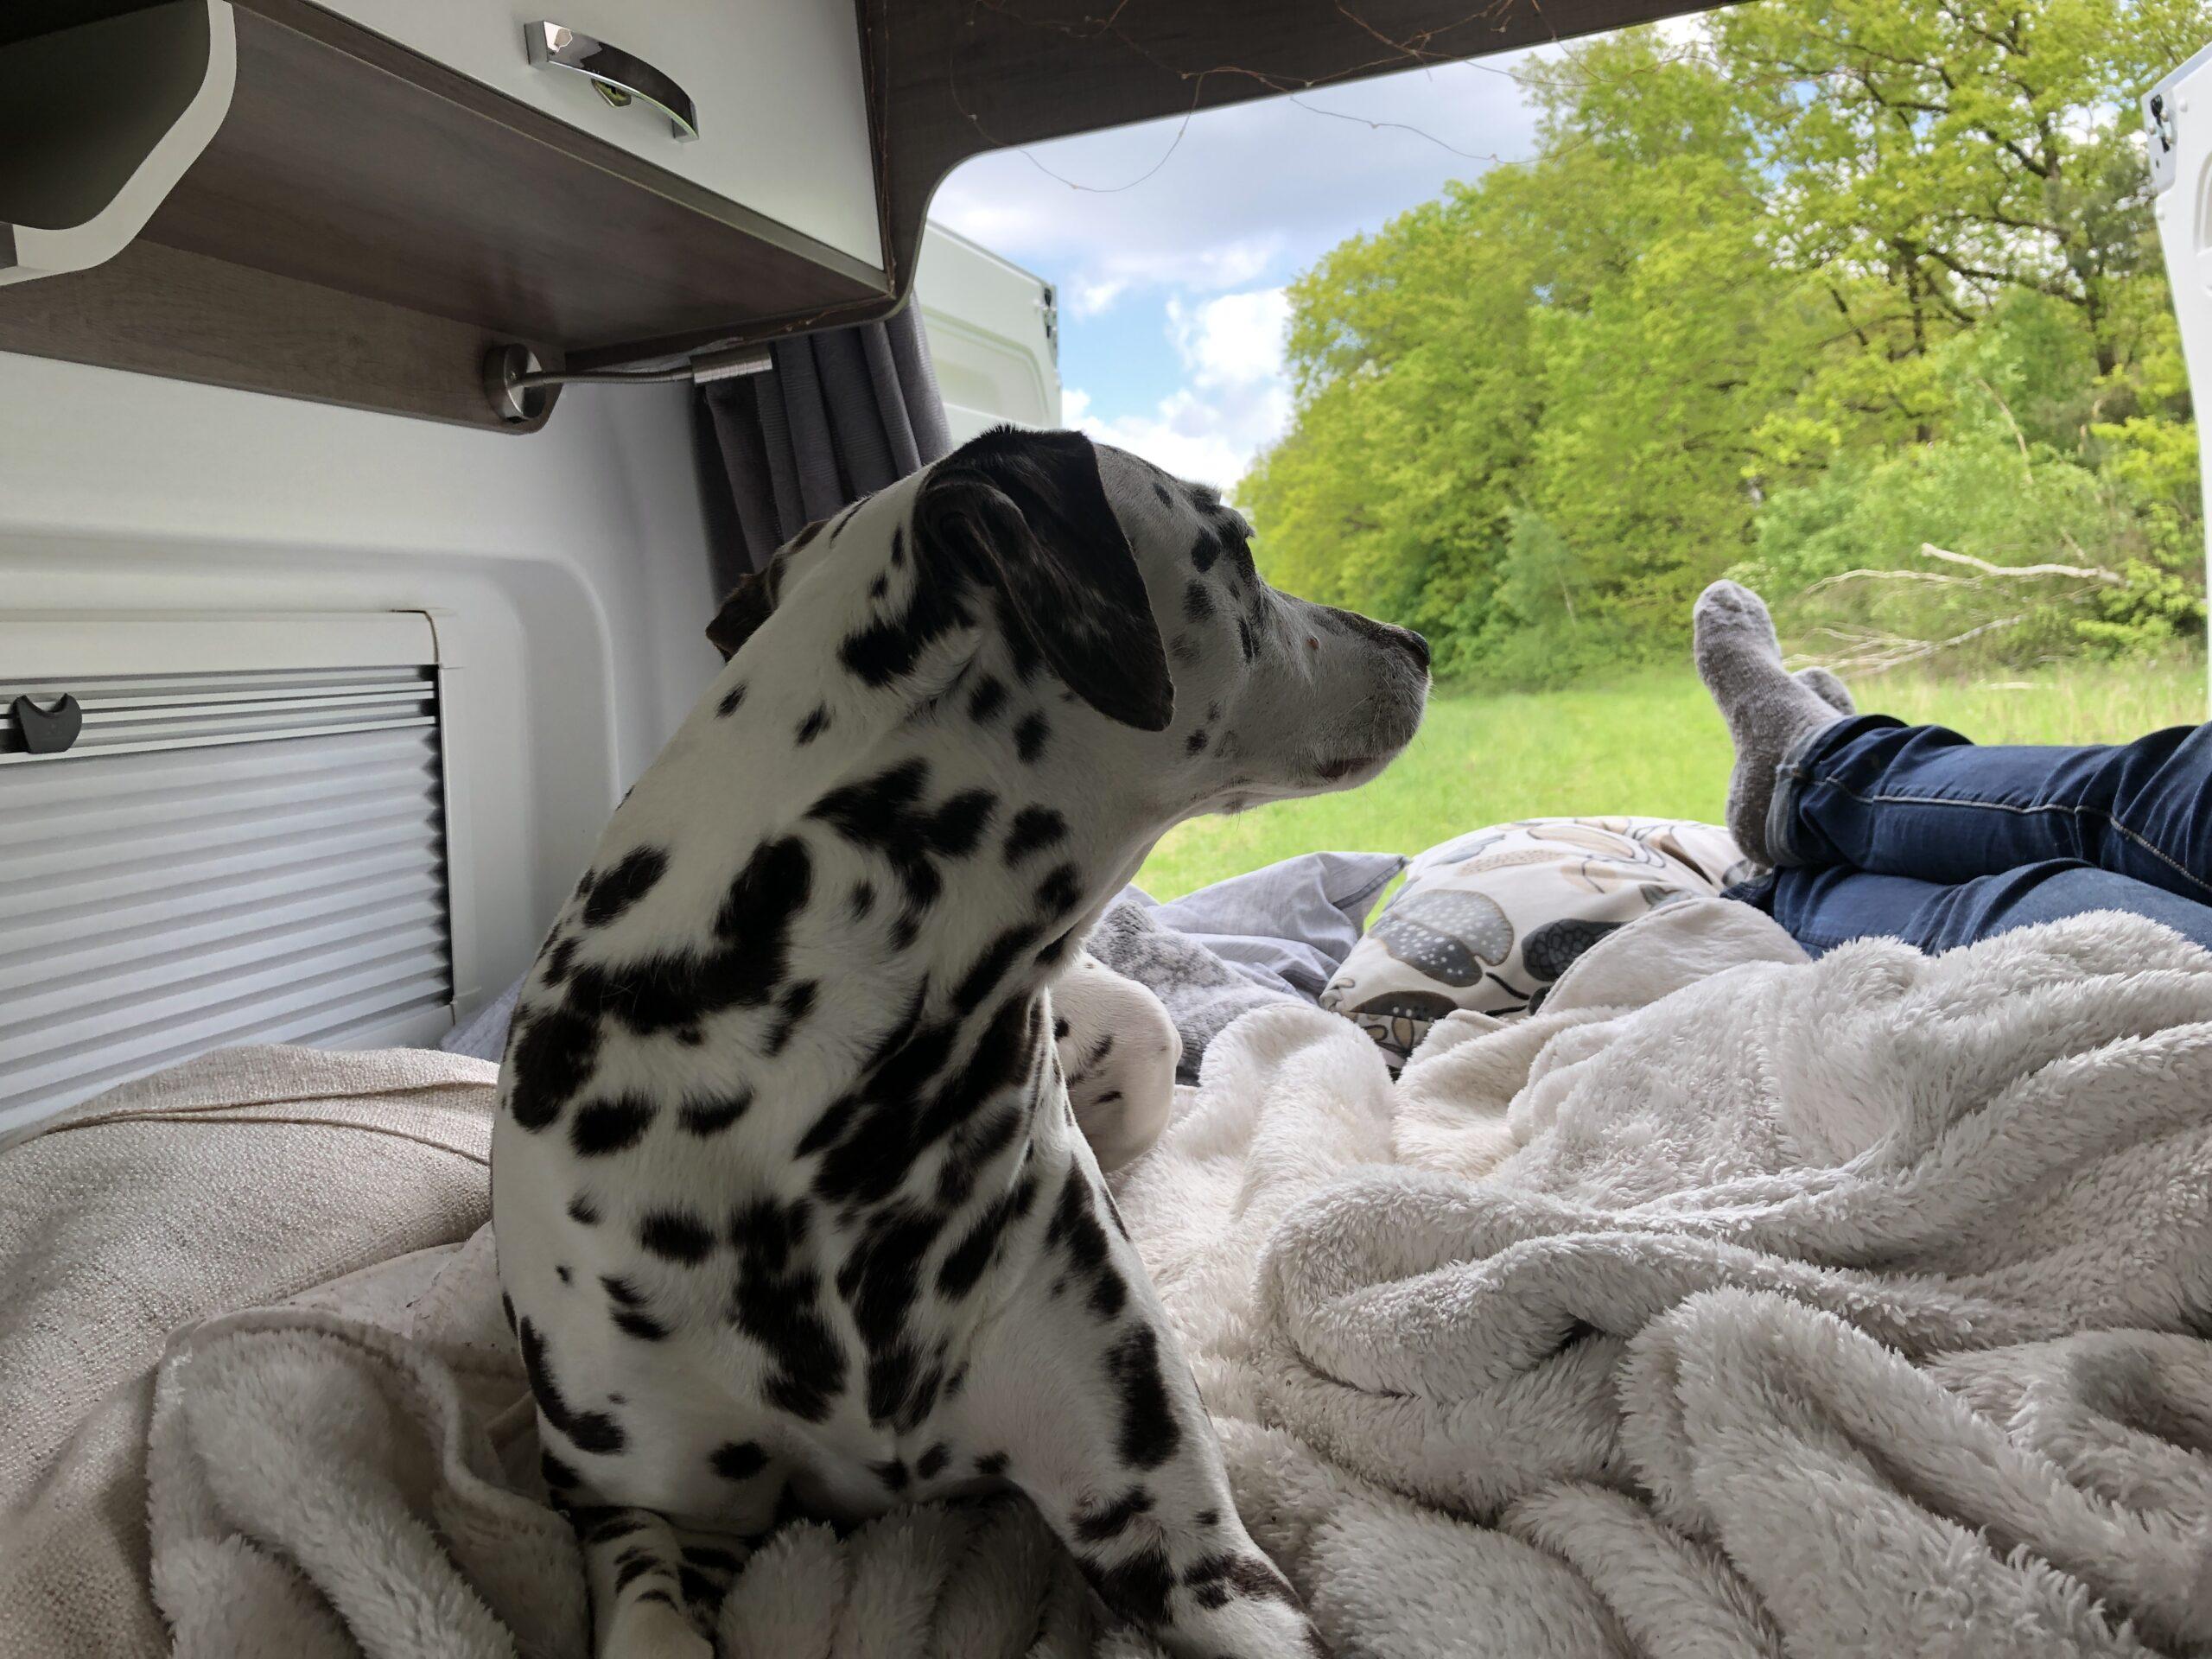 Erfahrungsbericht Camping Reise mit Hund